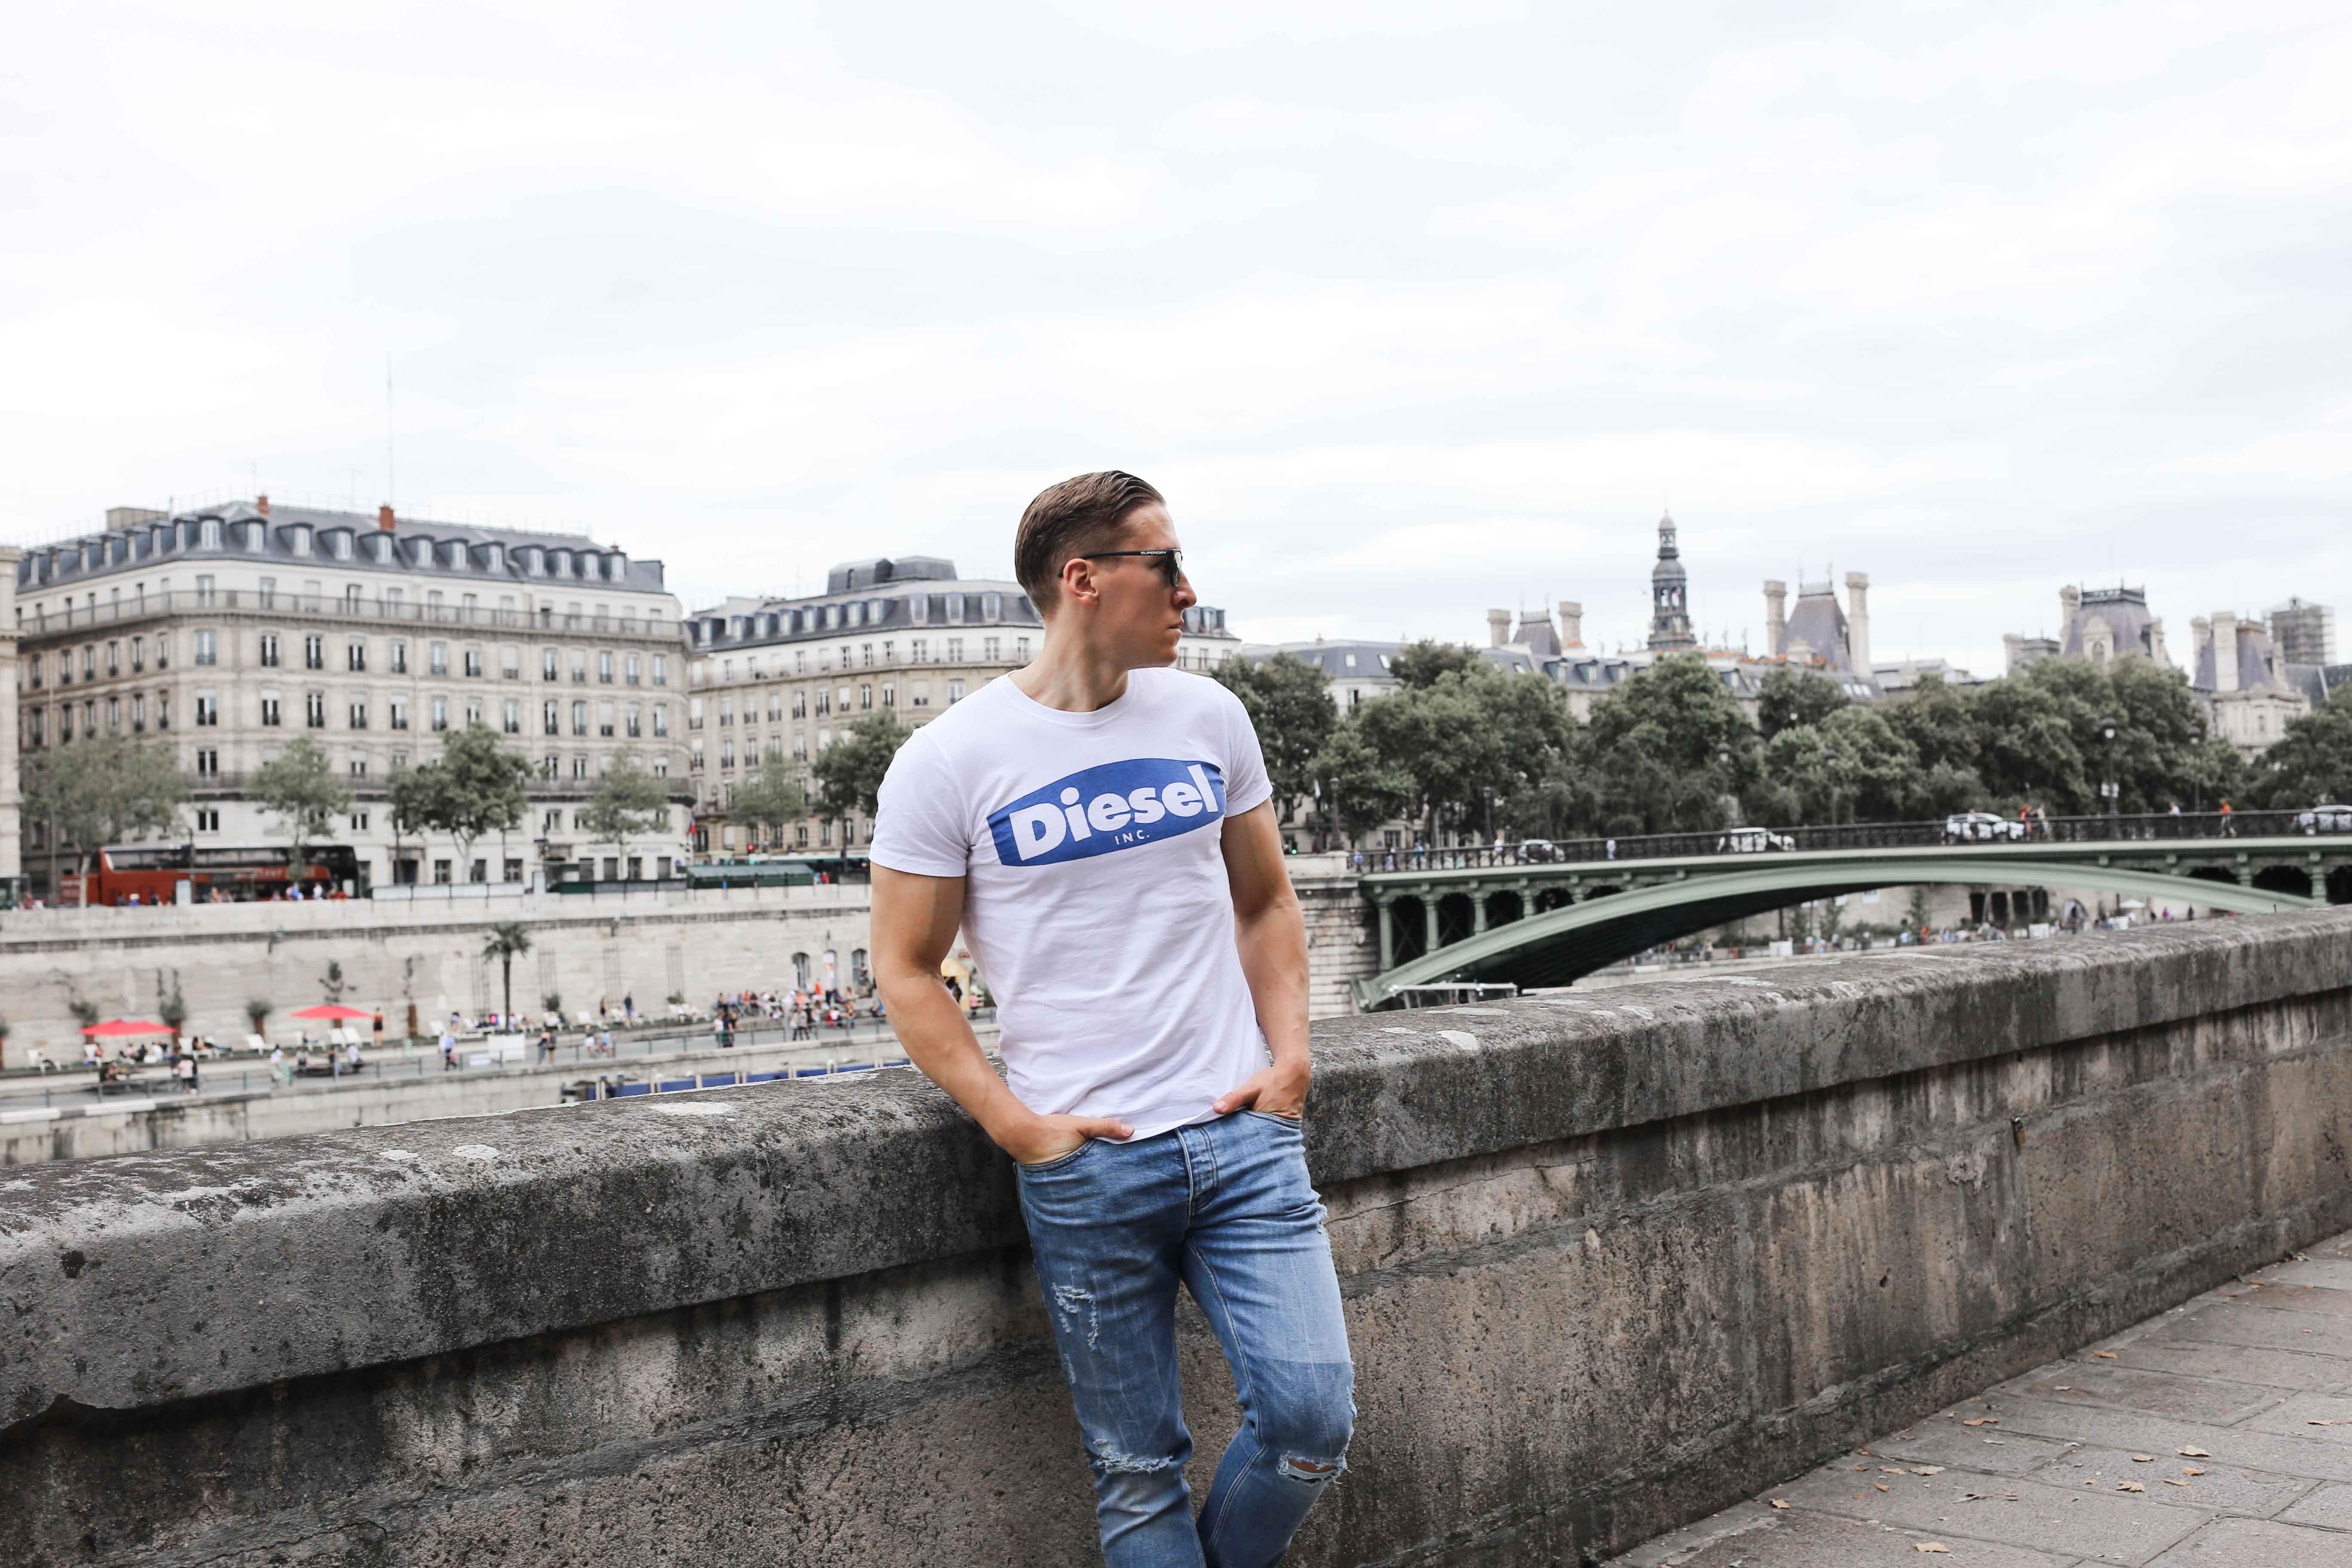 logo-shirt-trend-5-gründe-logo-shirts-outfit-modeblog-männerblog_1532